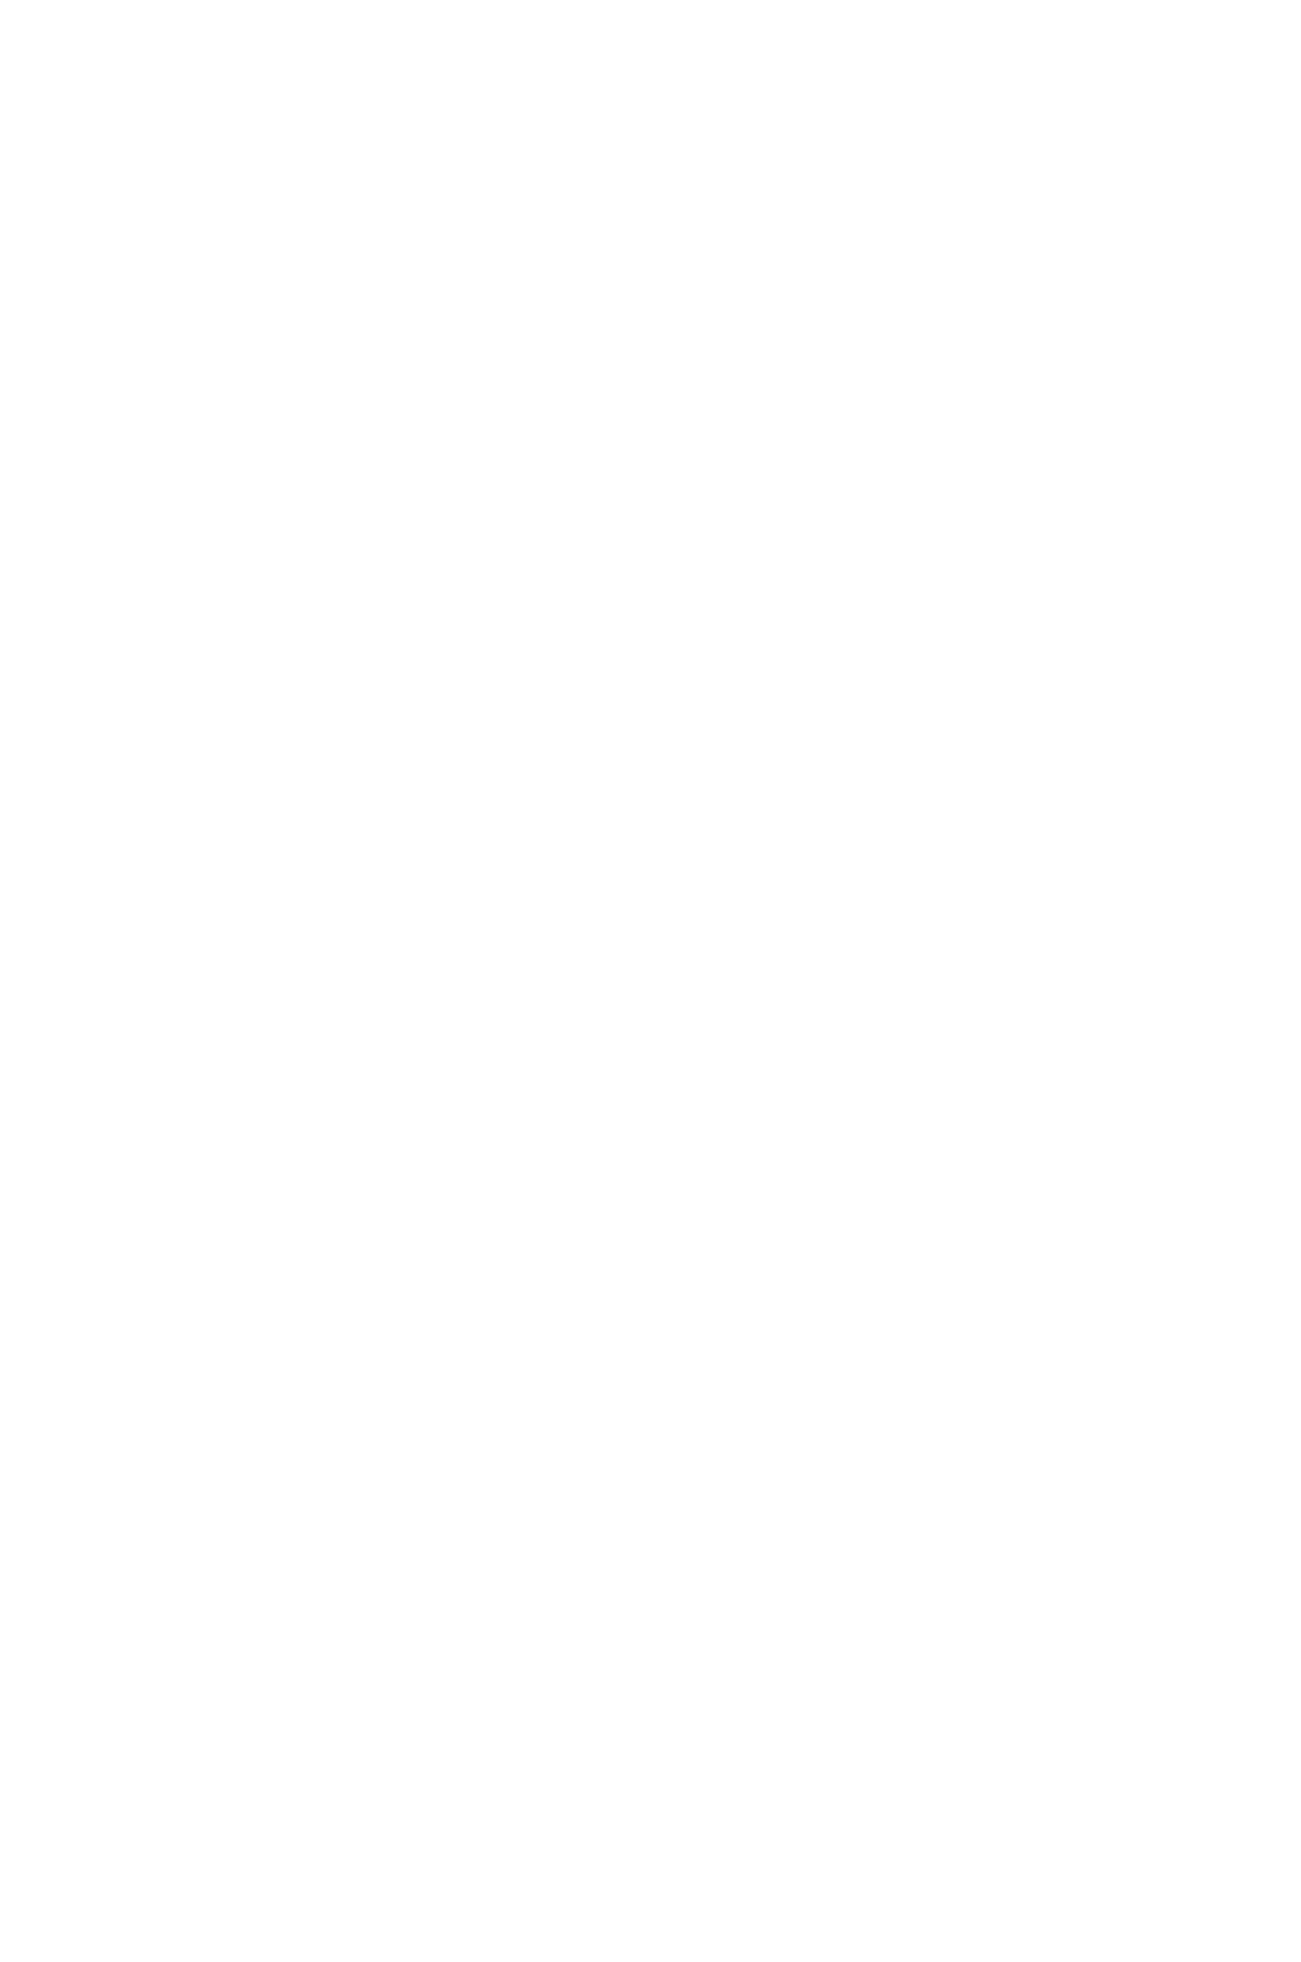 Marisa-Kate_Design-and-Marketing_brandmark_w.png